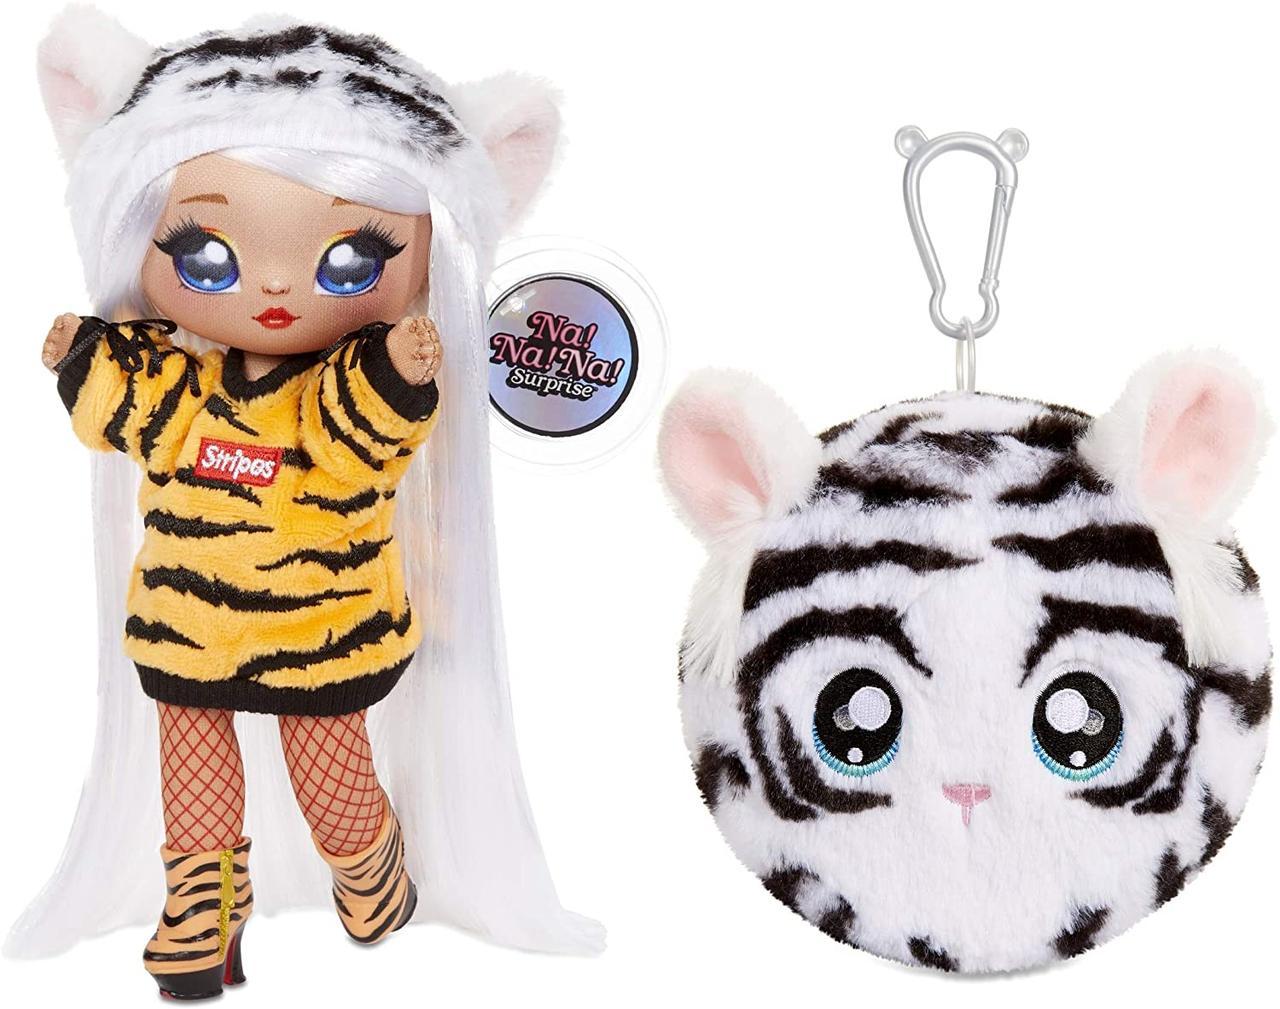 Игровой набор с куклой и мягкой игрушкой Тигр Бьянка Бенгал, 4 сезон, Na! Na! Na! Surprise Bianca Bengal, MGA